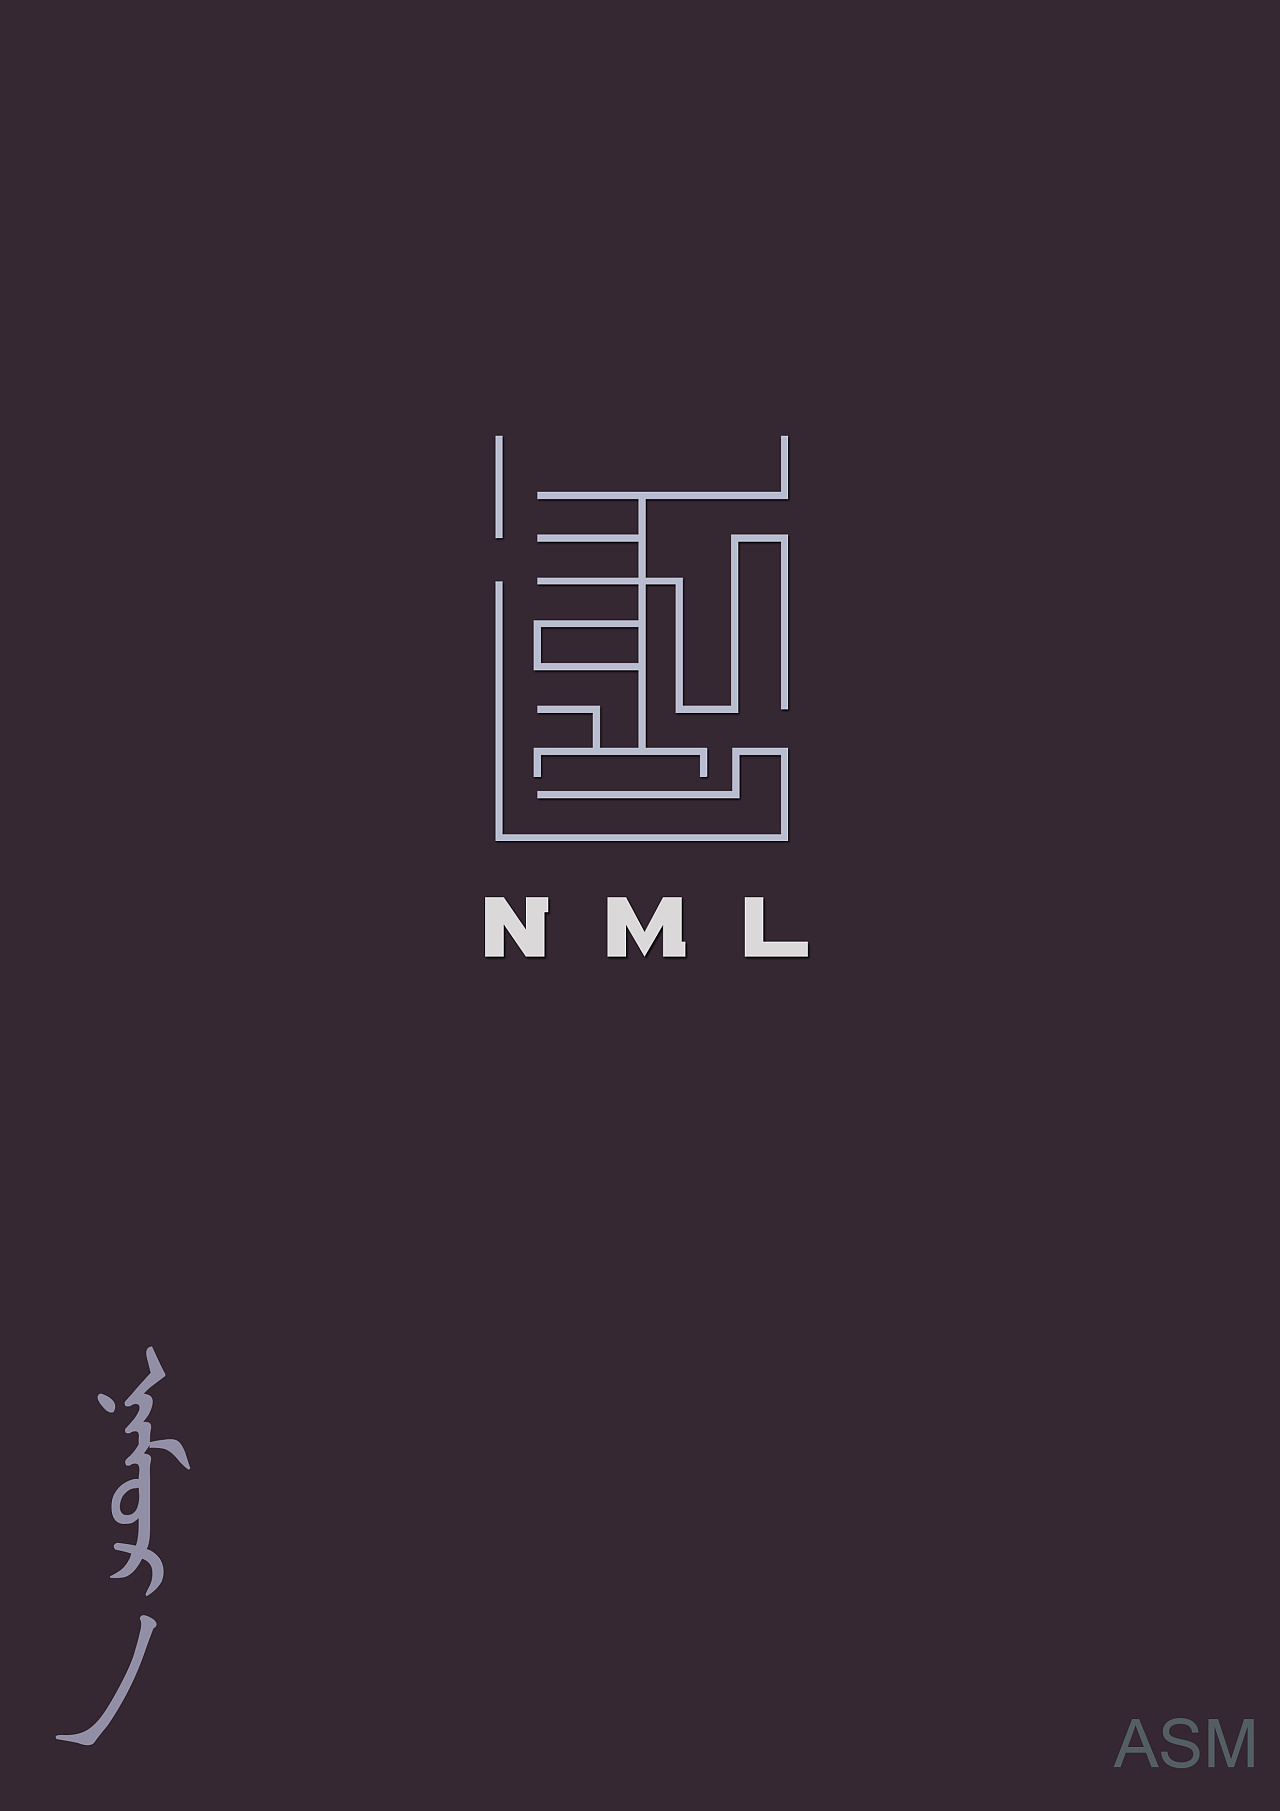 蒙古艺术文字3 -阿斯玛设计 第7张